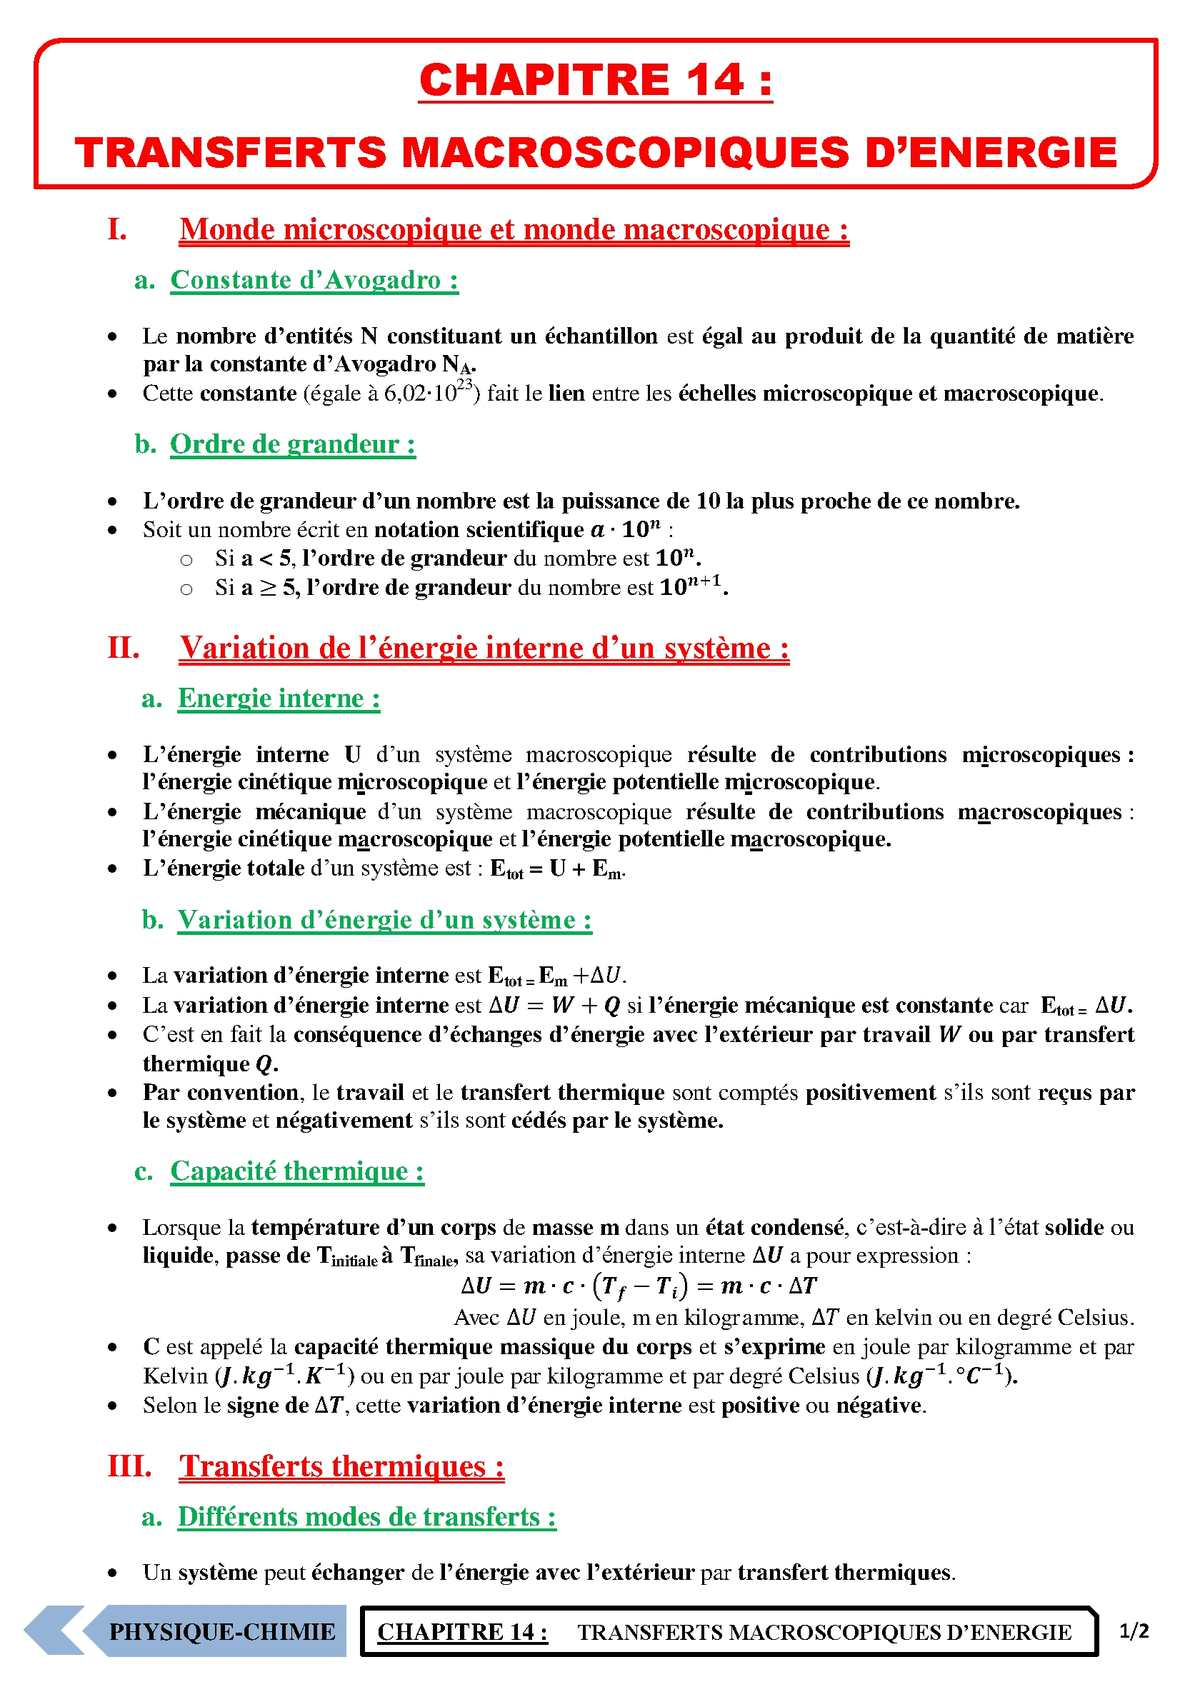 TS - PHYSIQUE/CHIMIE – Chapitre 14 | JéSky.fr